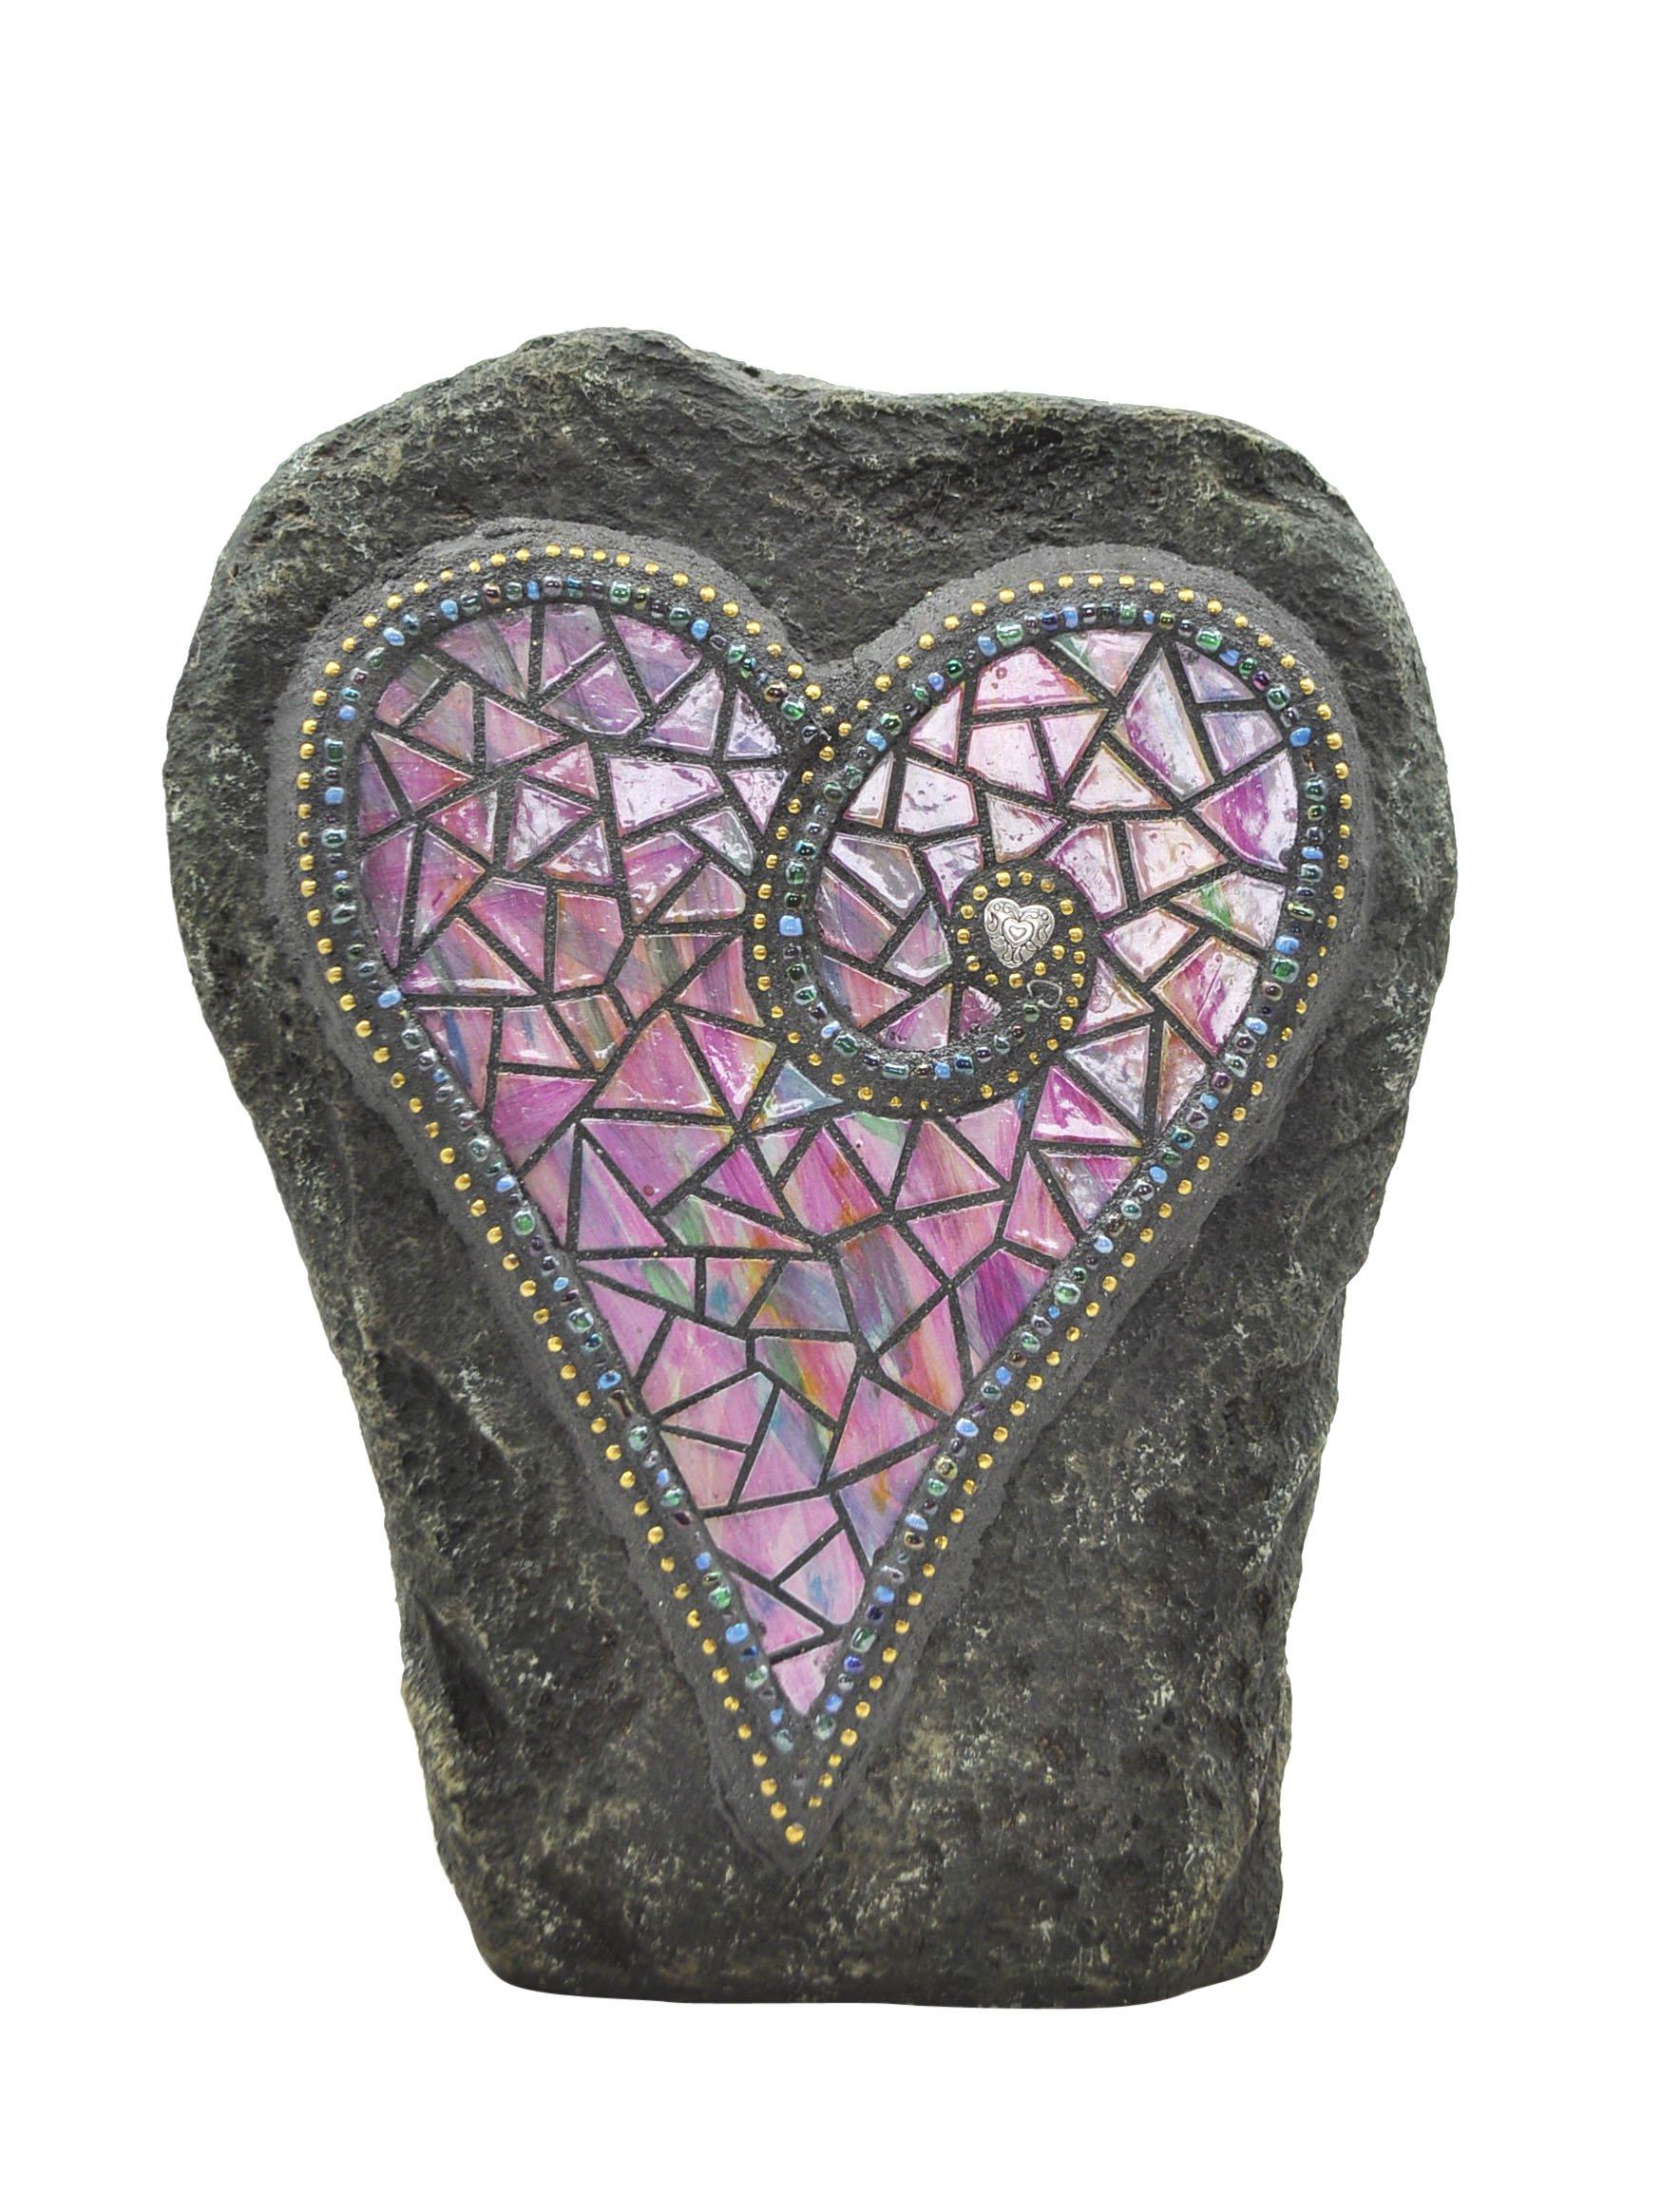 Moonrays 92497 Solar Powered White LED Chris Emmert Designs - Pink Heart